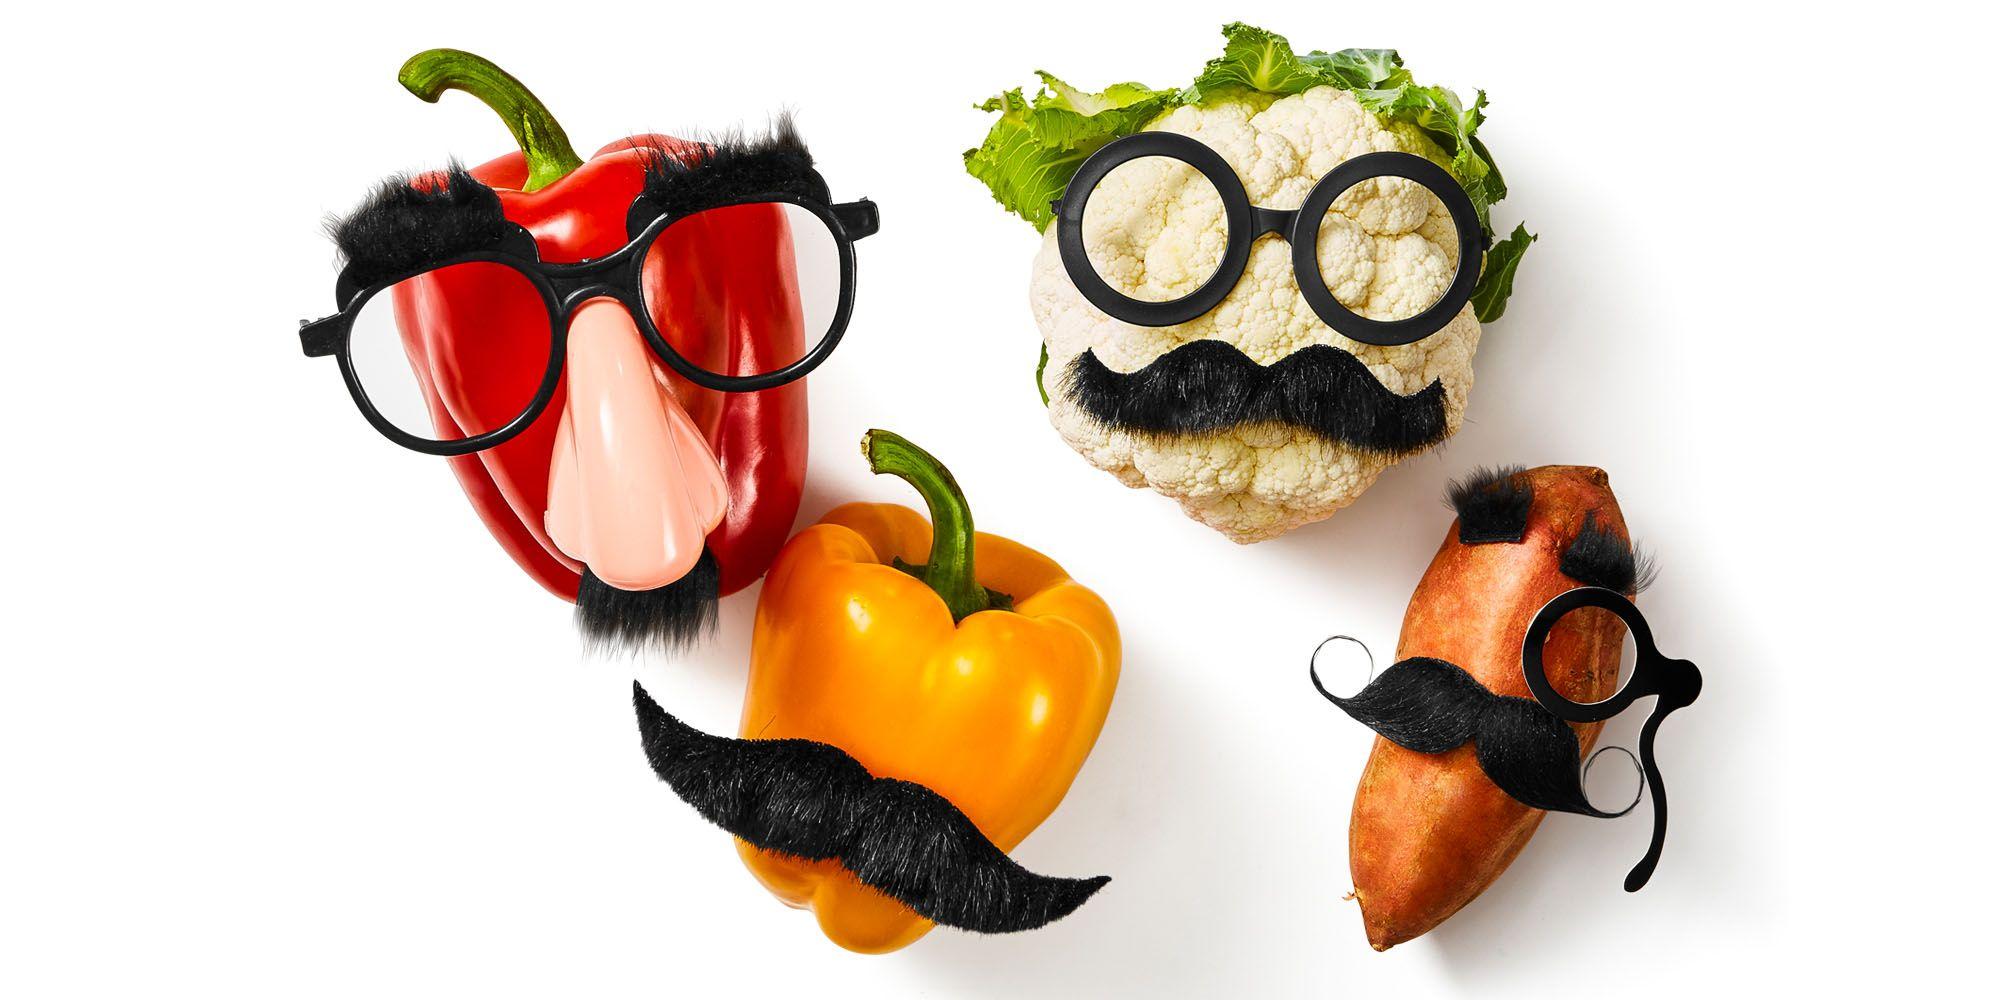 foto 6 Tasty Ways to Hide Vegetables in Your Favorite Foods